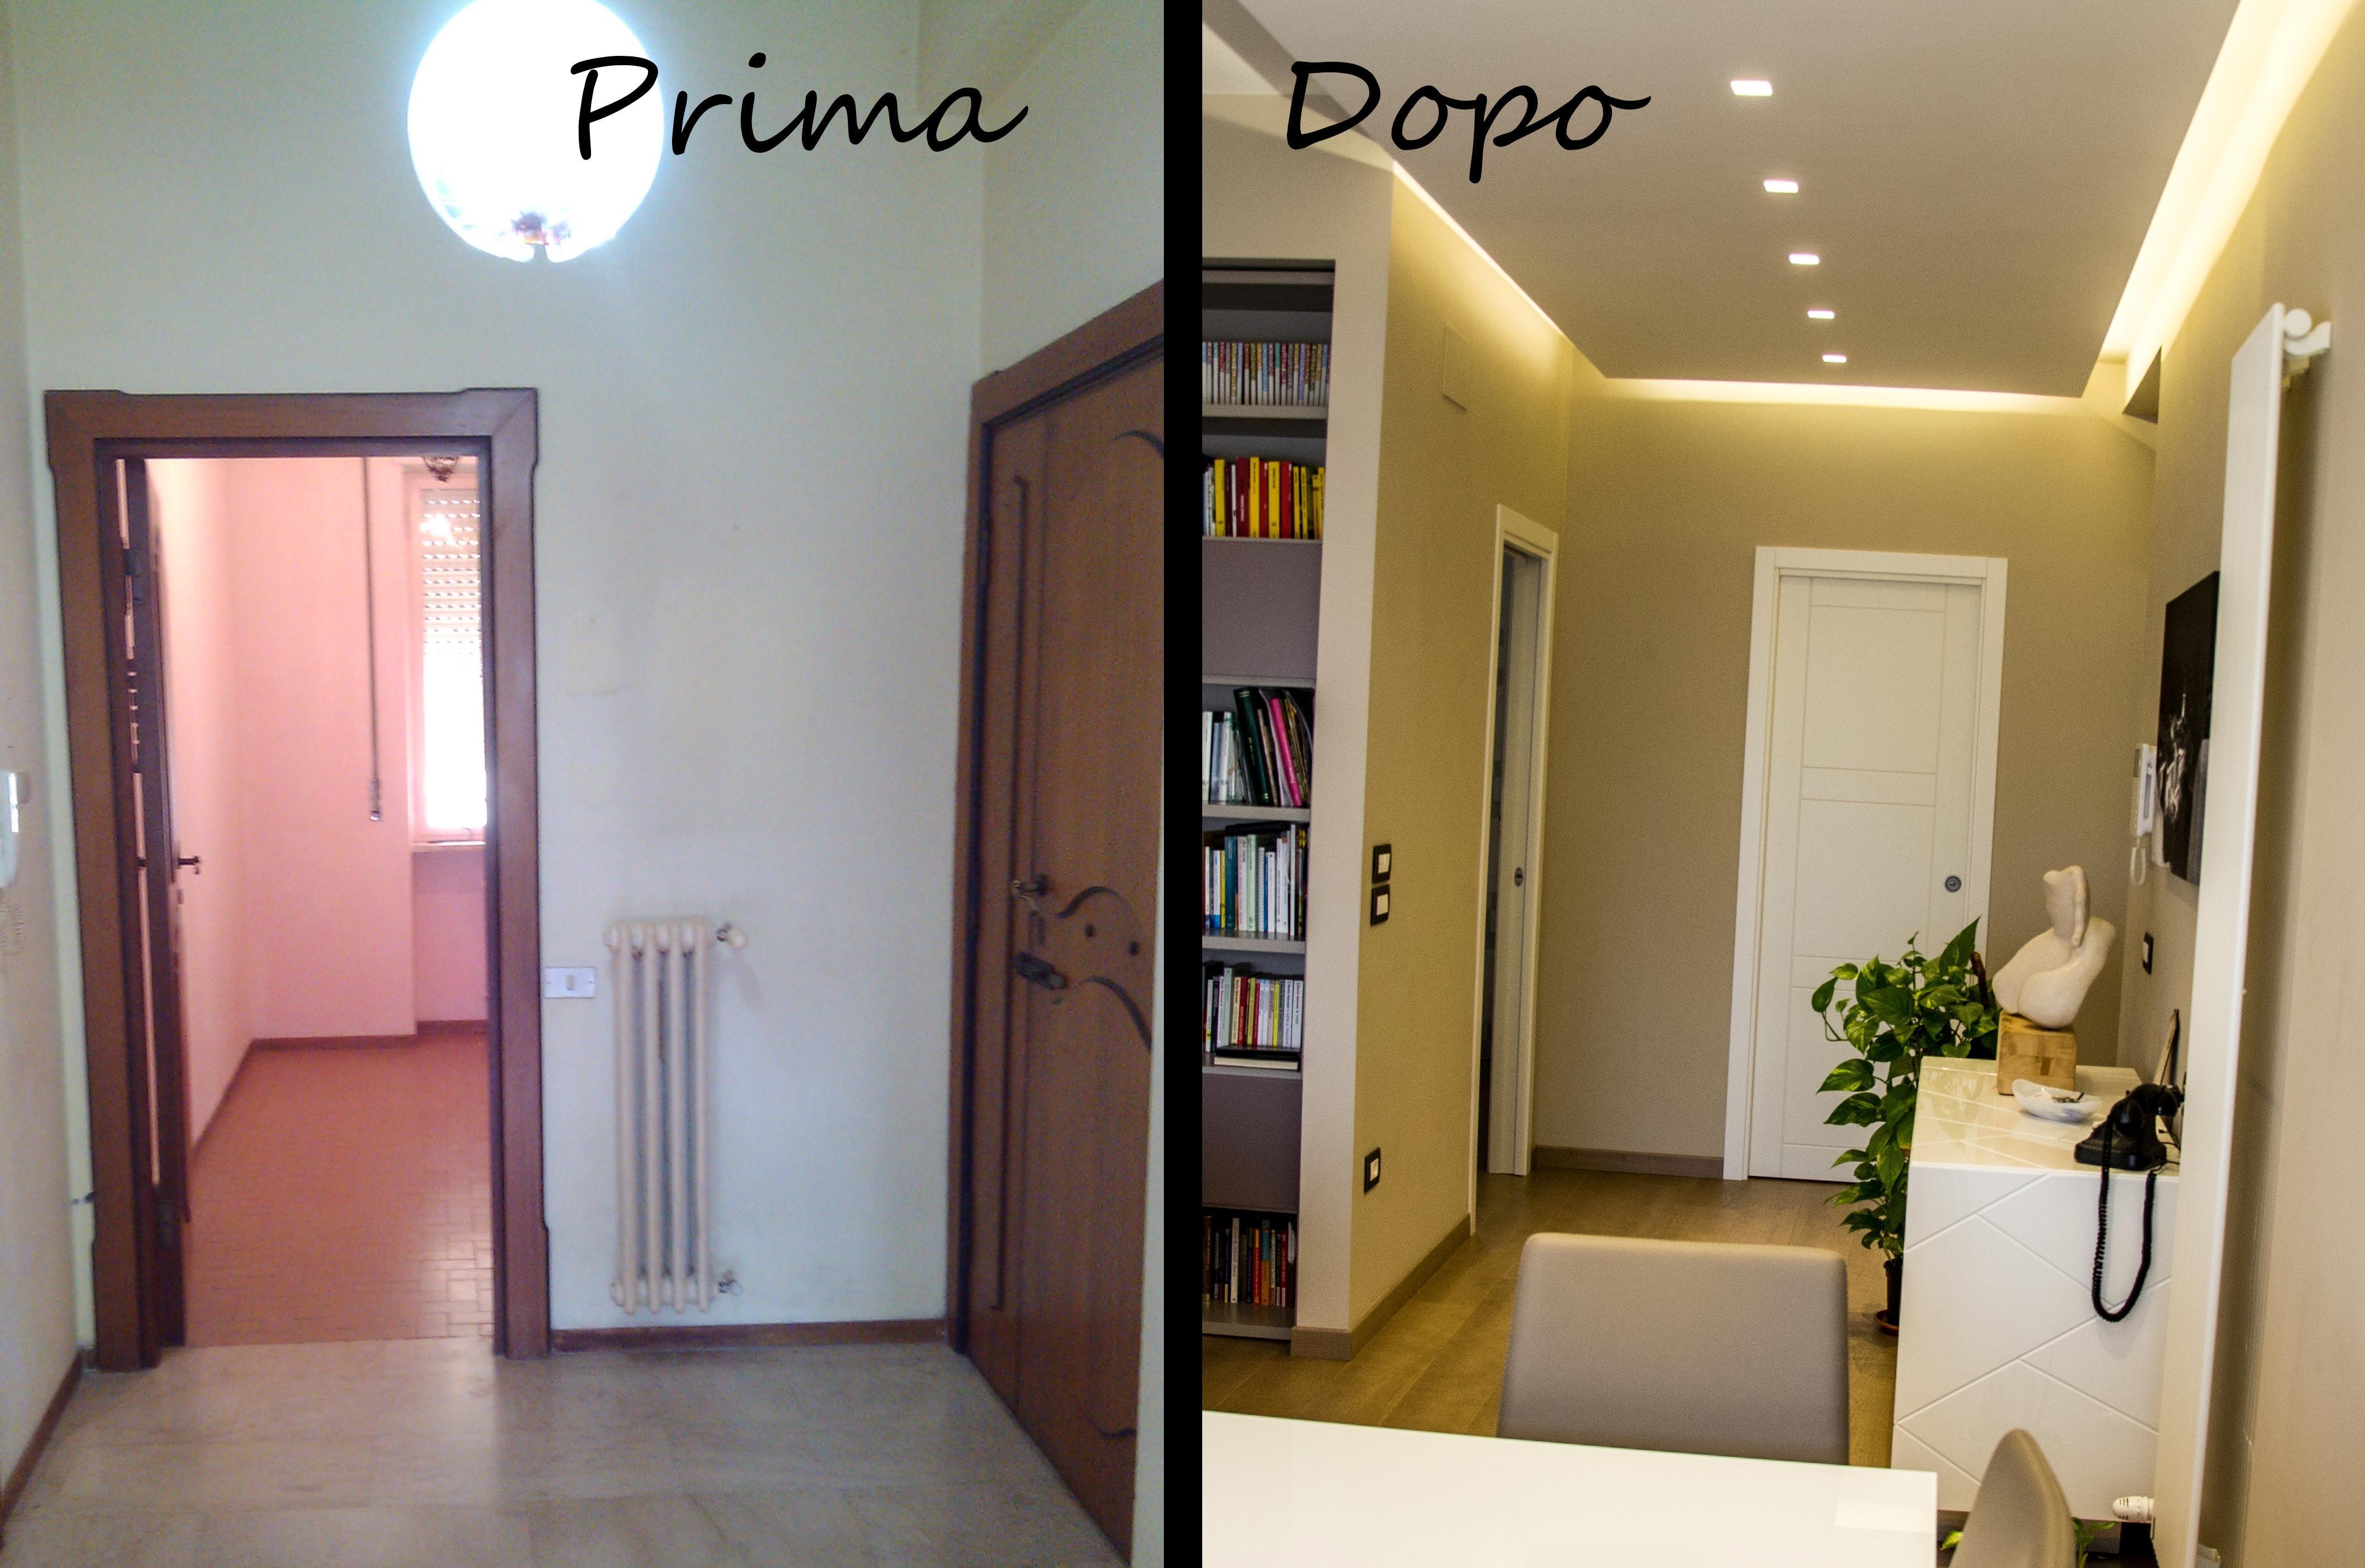 Quanto Costa Un Impianto Di Riscaldamento A Pavimento Al Mq scopri come ristrutturare casa con 262 € al mq - studio arch+d